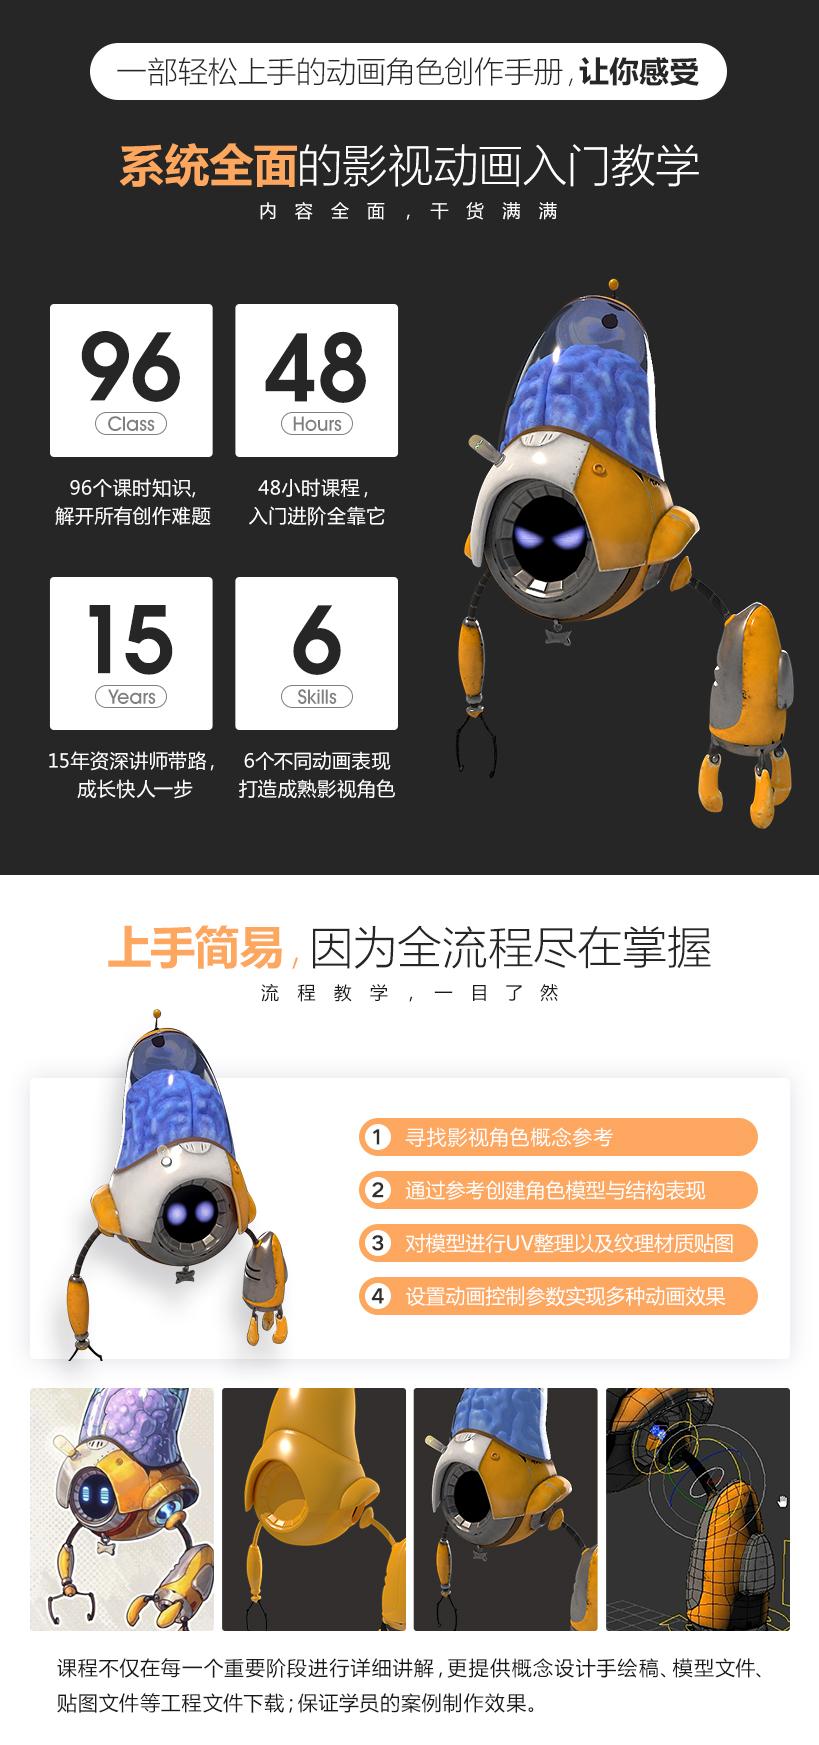 MAX科幻角色819-材质贴图篇PC端_05.jpg